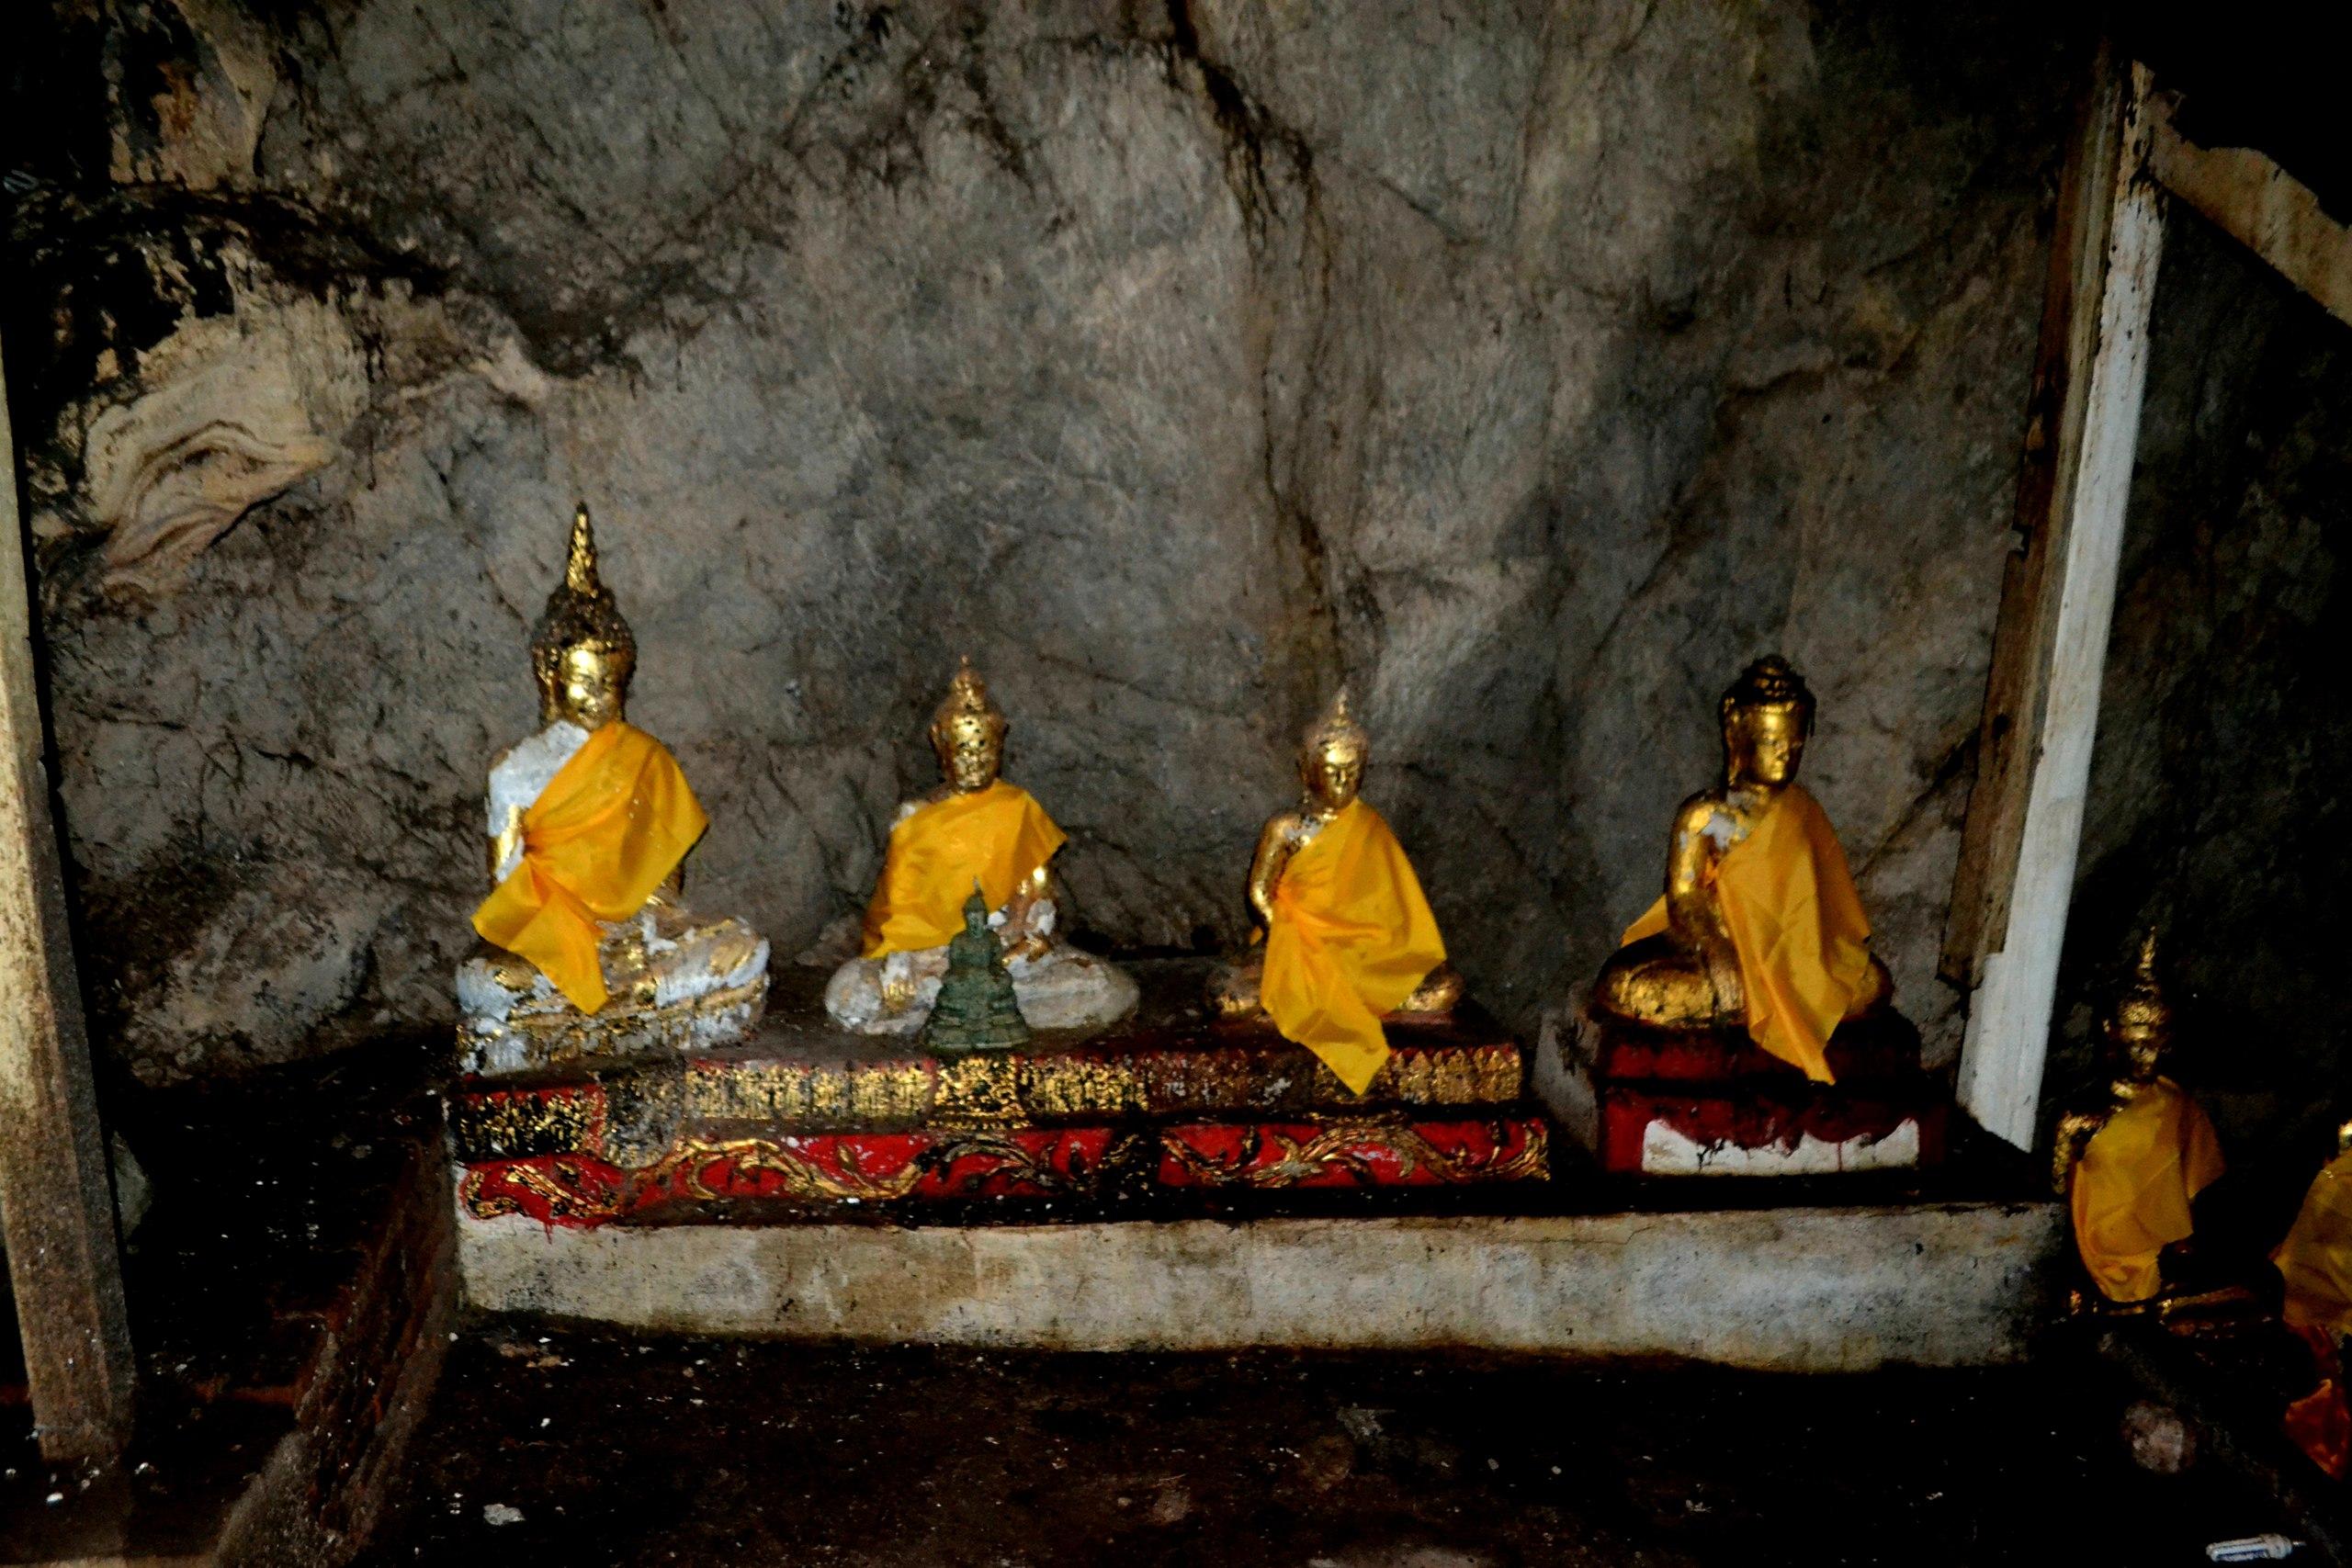 Елена Руденко (Валтея). Таиланд. Таиланд. Paтчaбуpи: Пещера страха, Пещера мышей, Буддийский храм FIKKuPMblHs